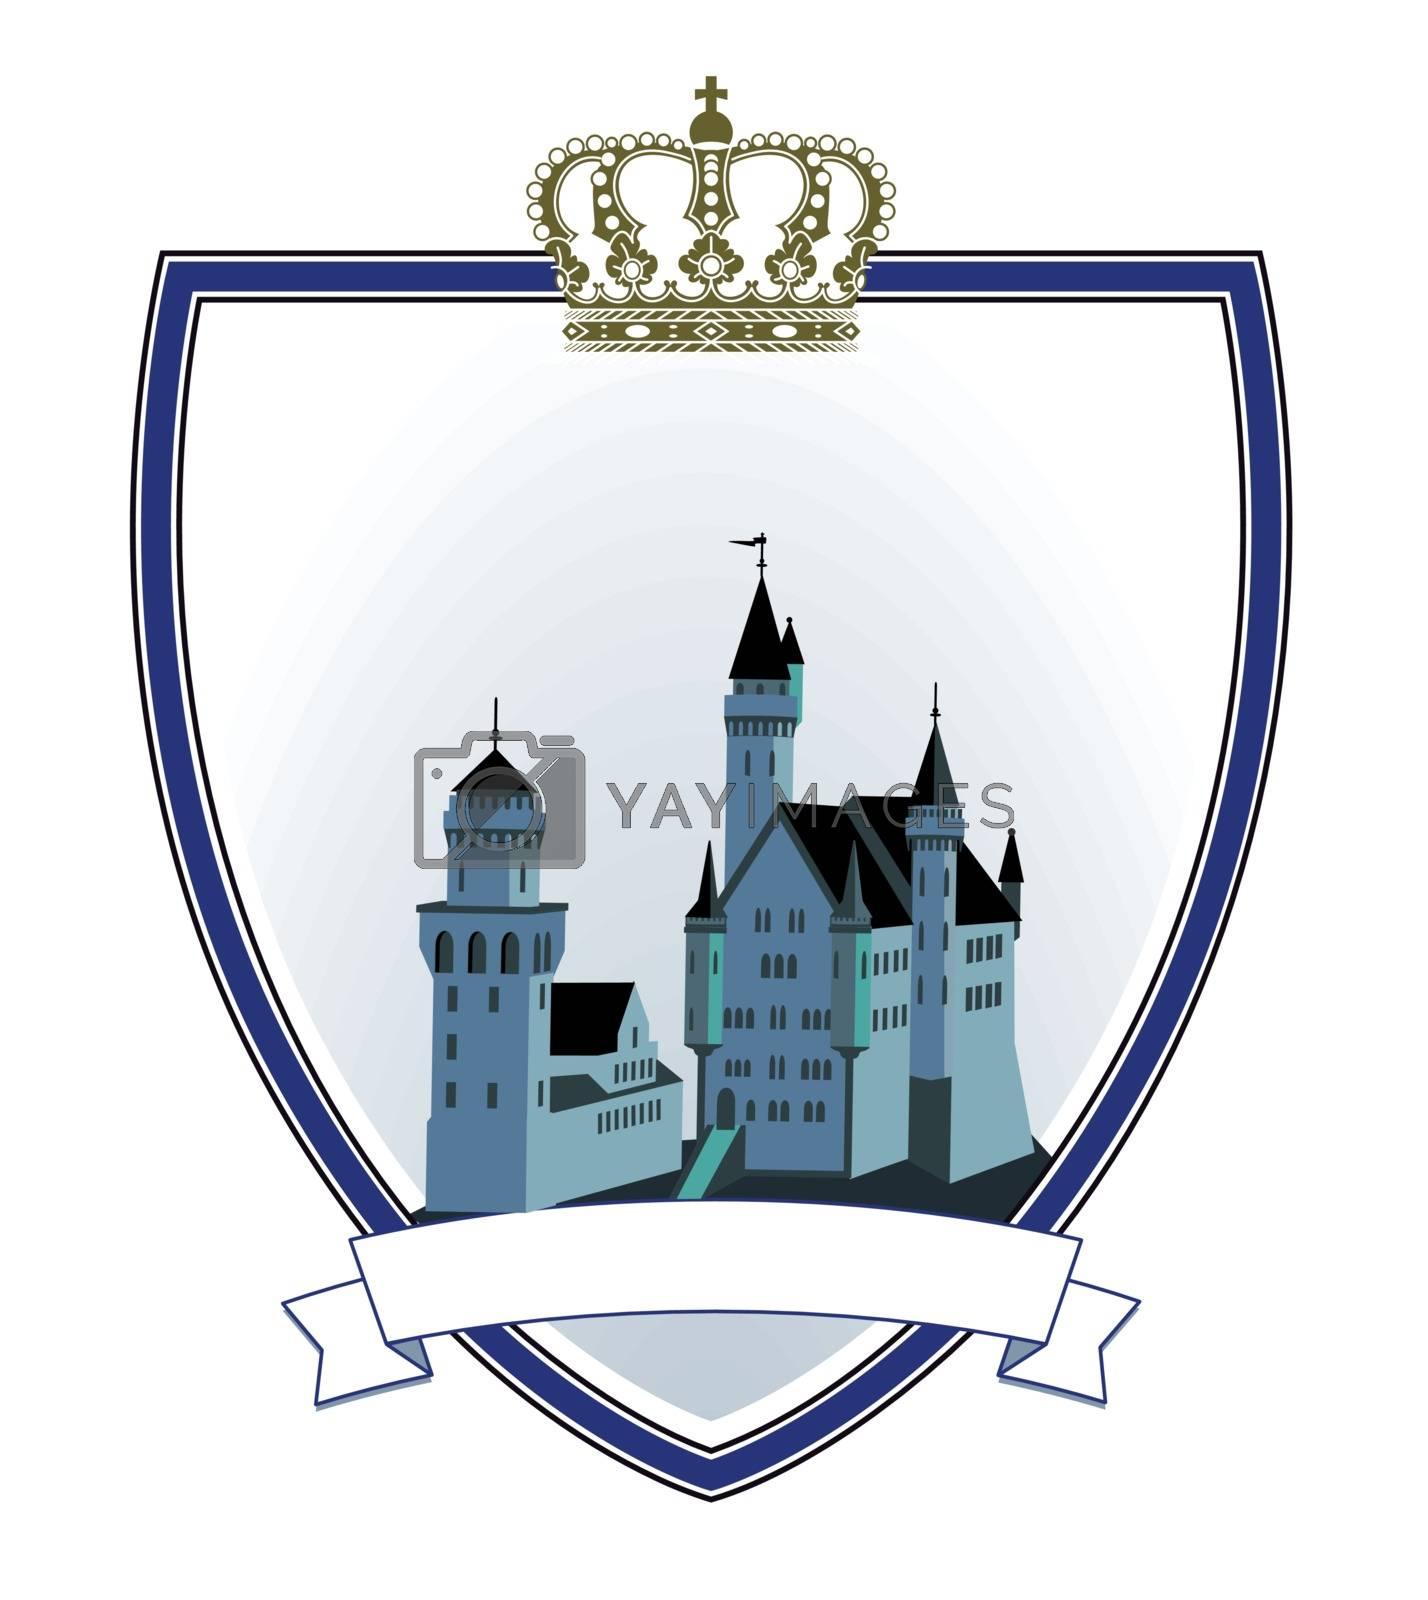 Castle emblem shield with crown